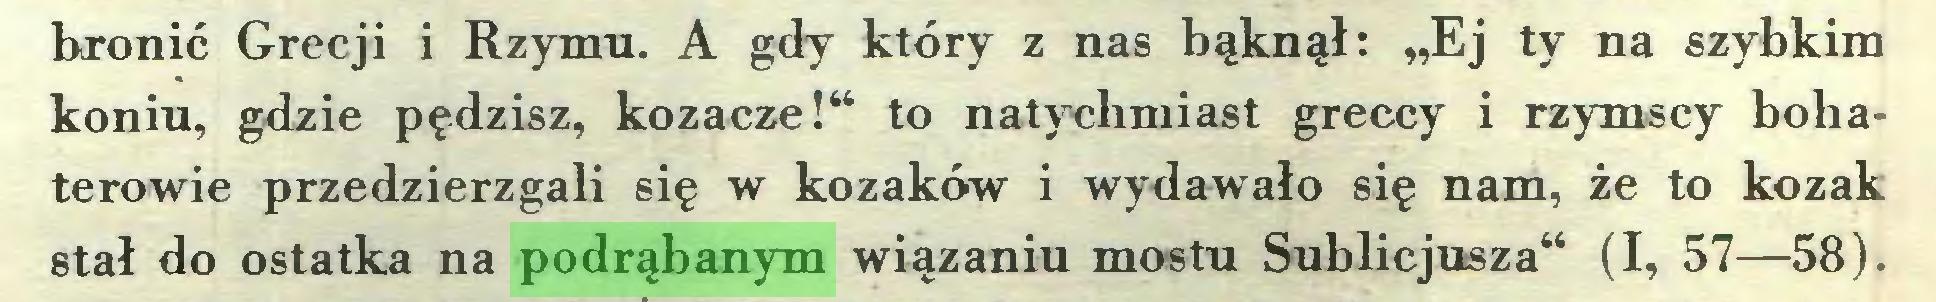 """(...) bronić Grecji i Rzymu. A gdy który z nas bąknął: """"Ej ty na szybkim koniu, gdzie pędzisz, kozacze!"""" to natychmiast greccy i rzymscy bohaterowie przedzierzgali się w kozaków i wydawało się nam, że to kozak stał do ostatka na podrąbanym wiązaniu mostu Sublicjusza"""" (I, 57—58)..."""